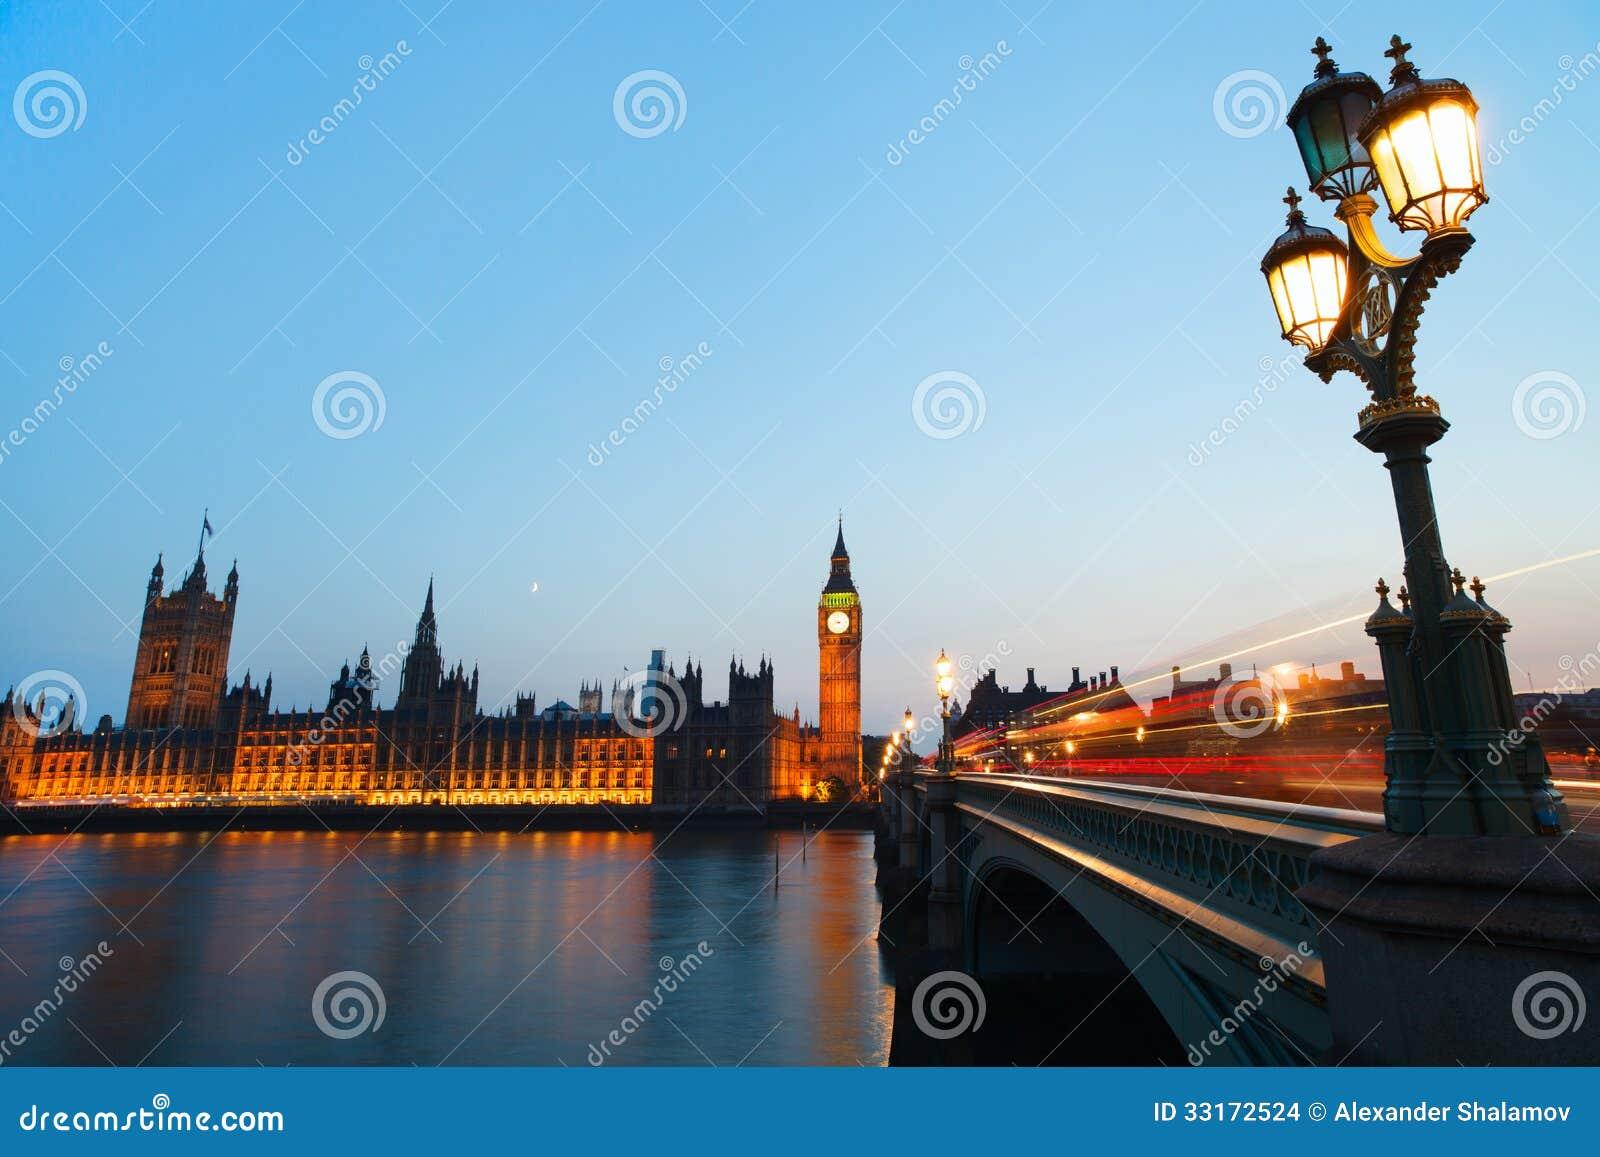 Londra alla notte